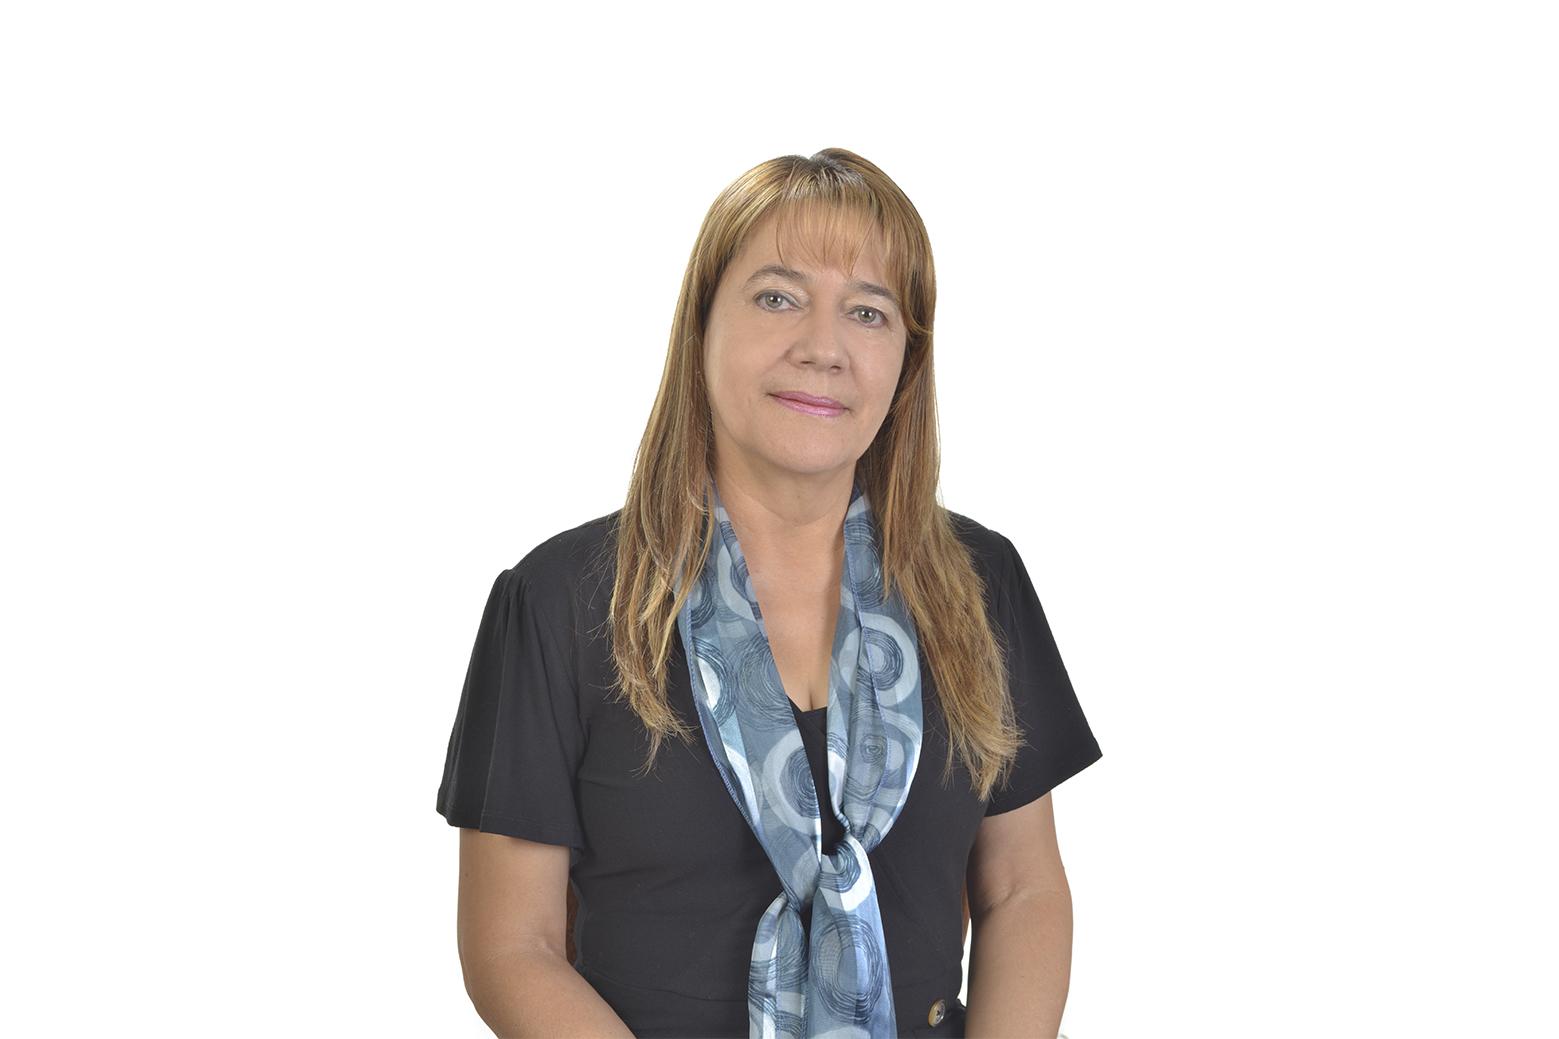 Ángela Inés Noreña Puerta